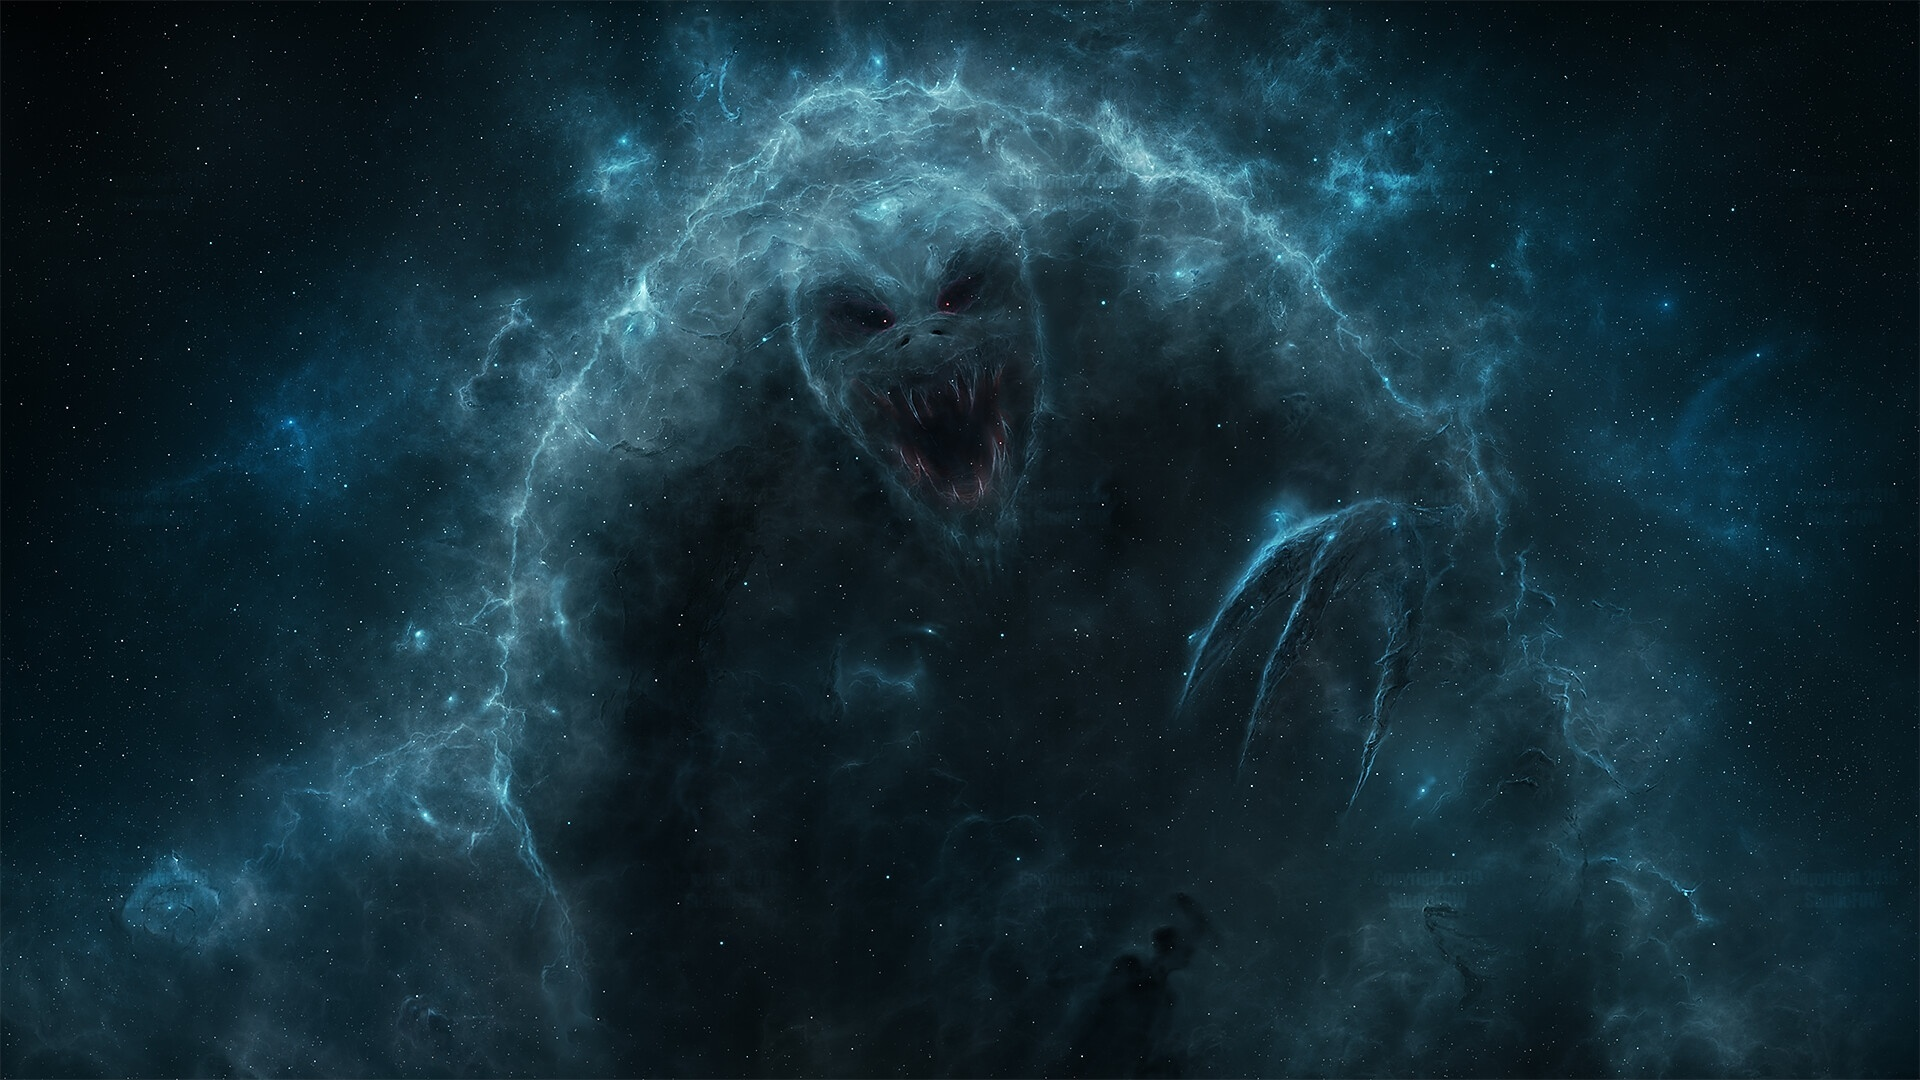 йети в космосе, туманность, существо